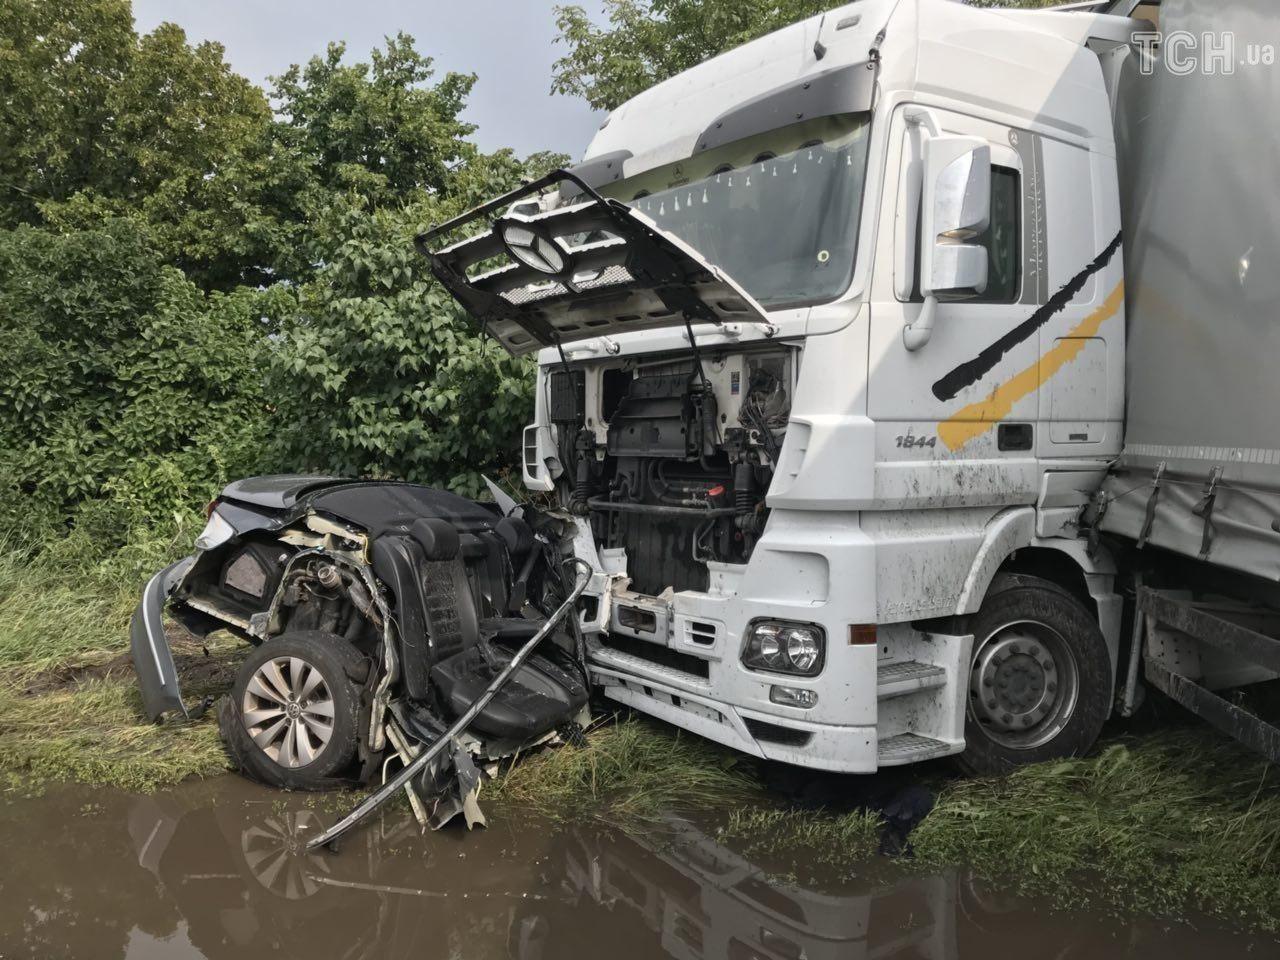 Подробиці жахливої аварії на трасі Чернігів-Київ (Фото)